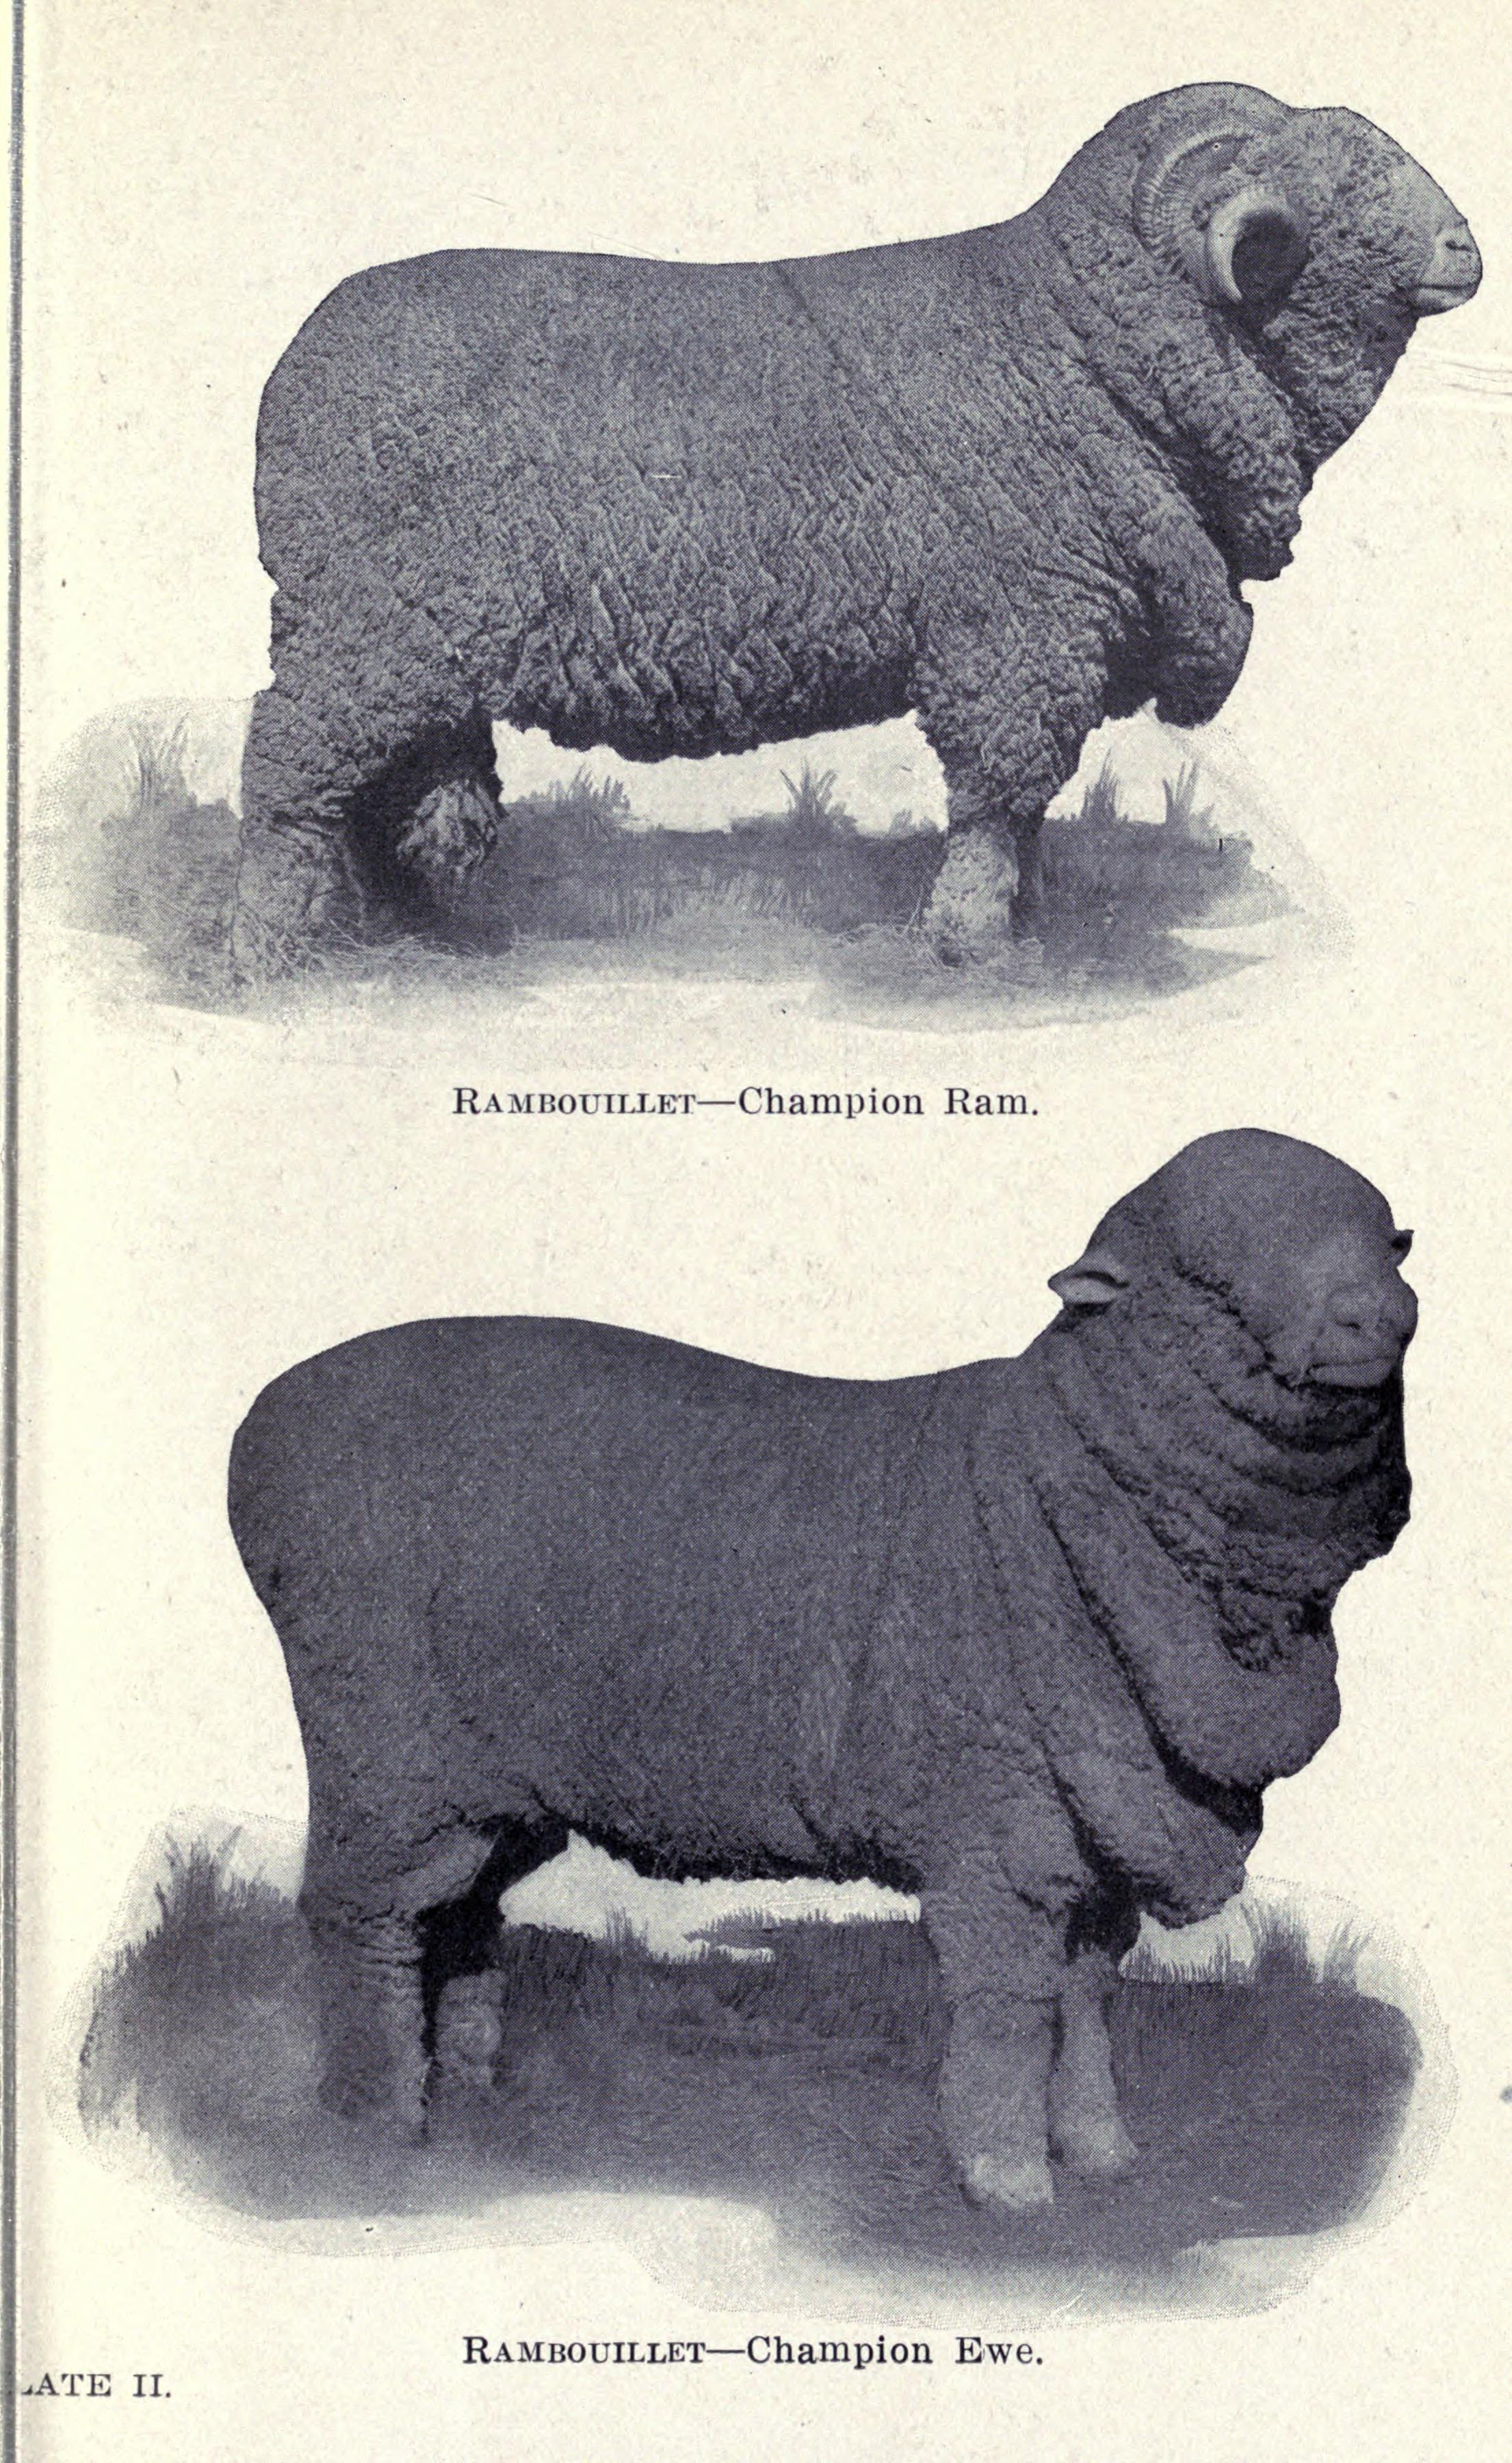 File:Sheep diseases (Page 21) BHL17869871 jpg - Wikimedia